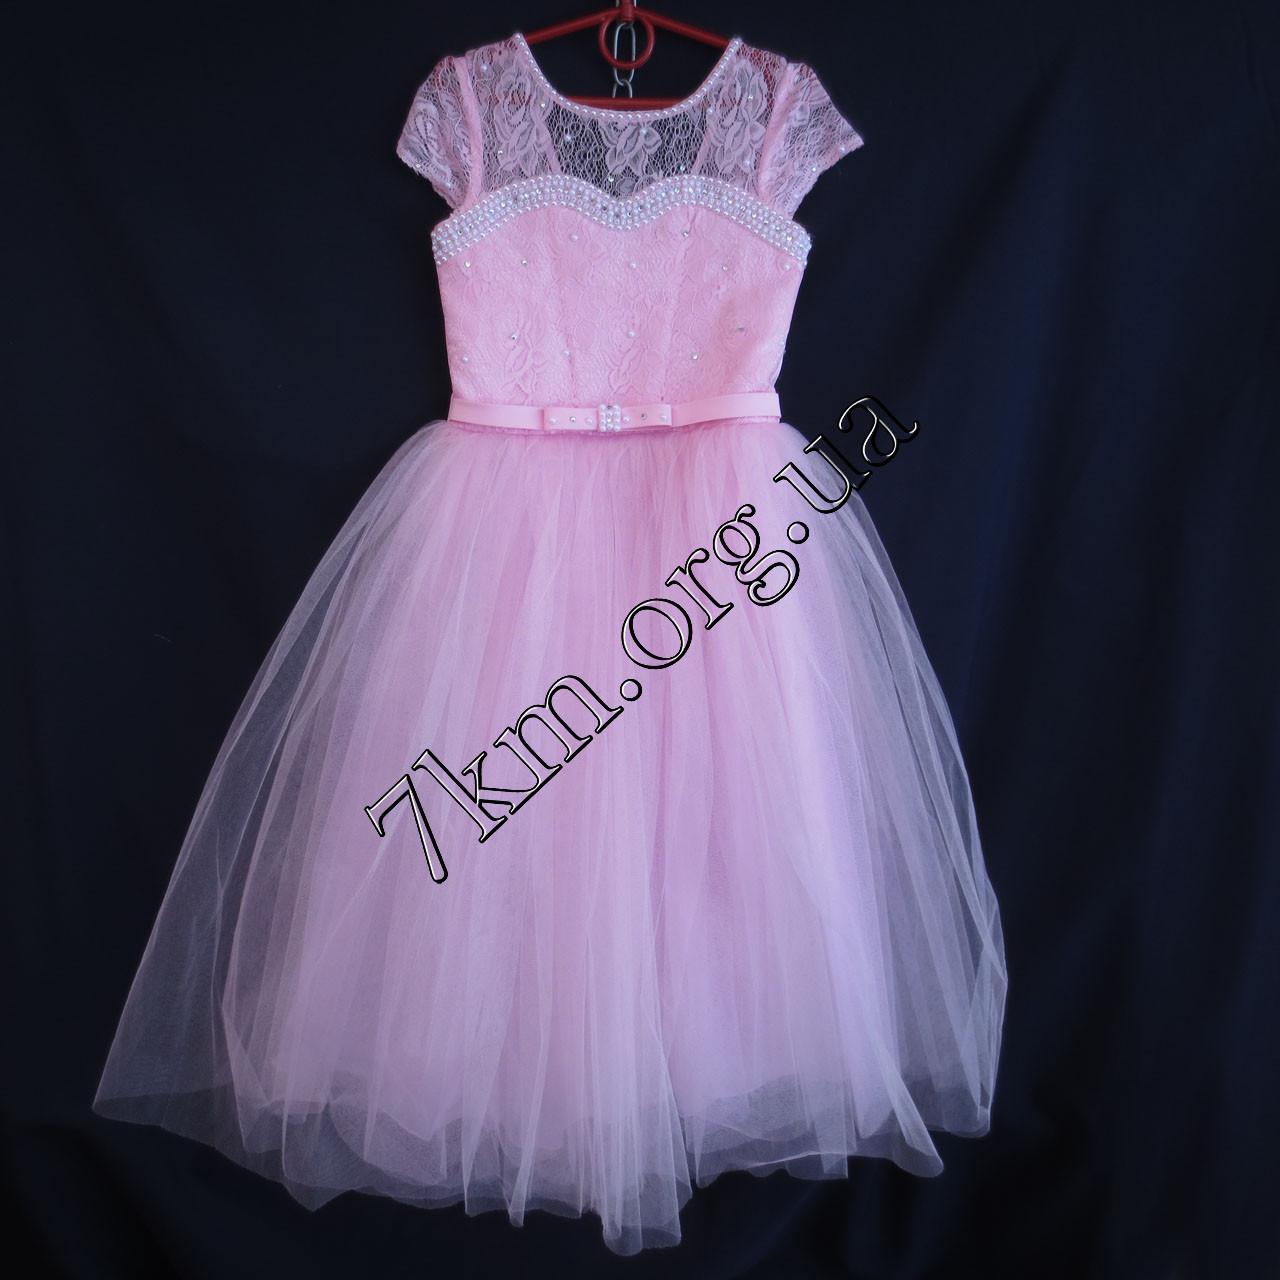 Платье нарядное бальное детское 5-6 лет Принцесса розовое Украина оптом.